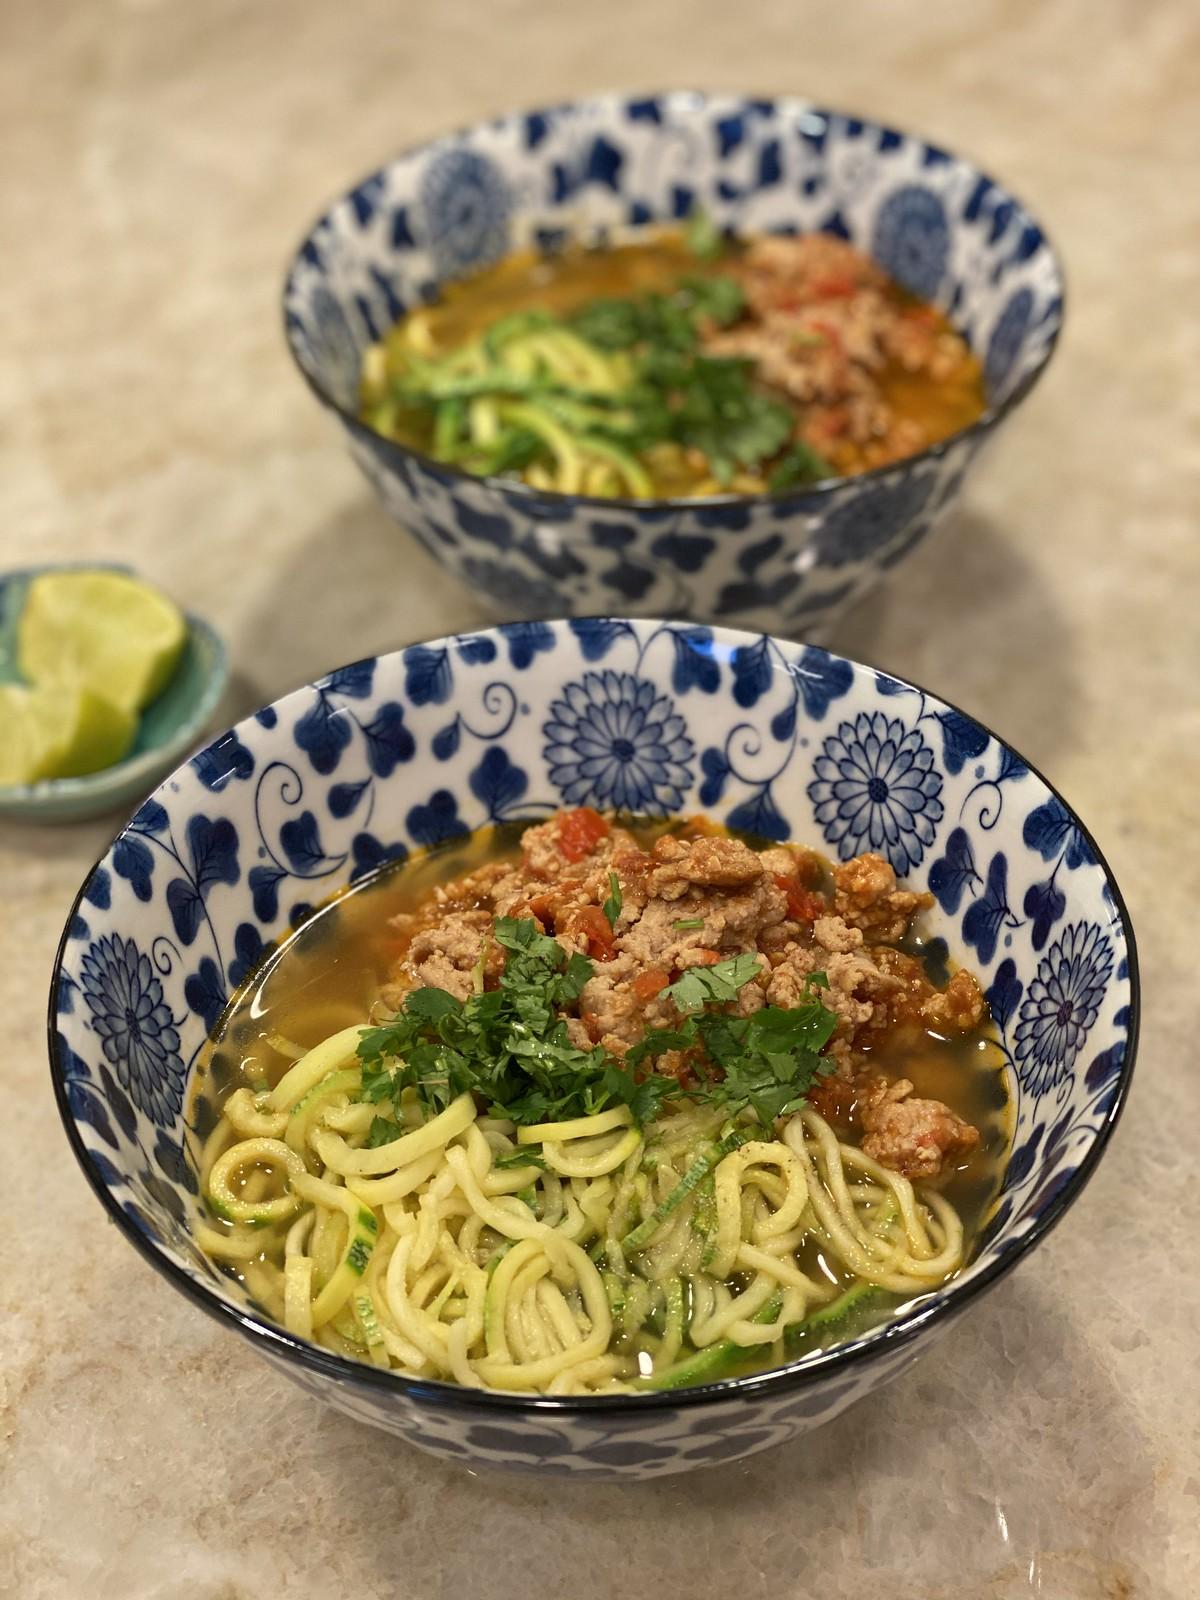 Laotian-Style Khao Soi